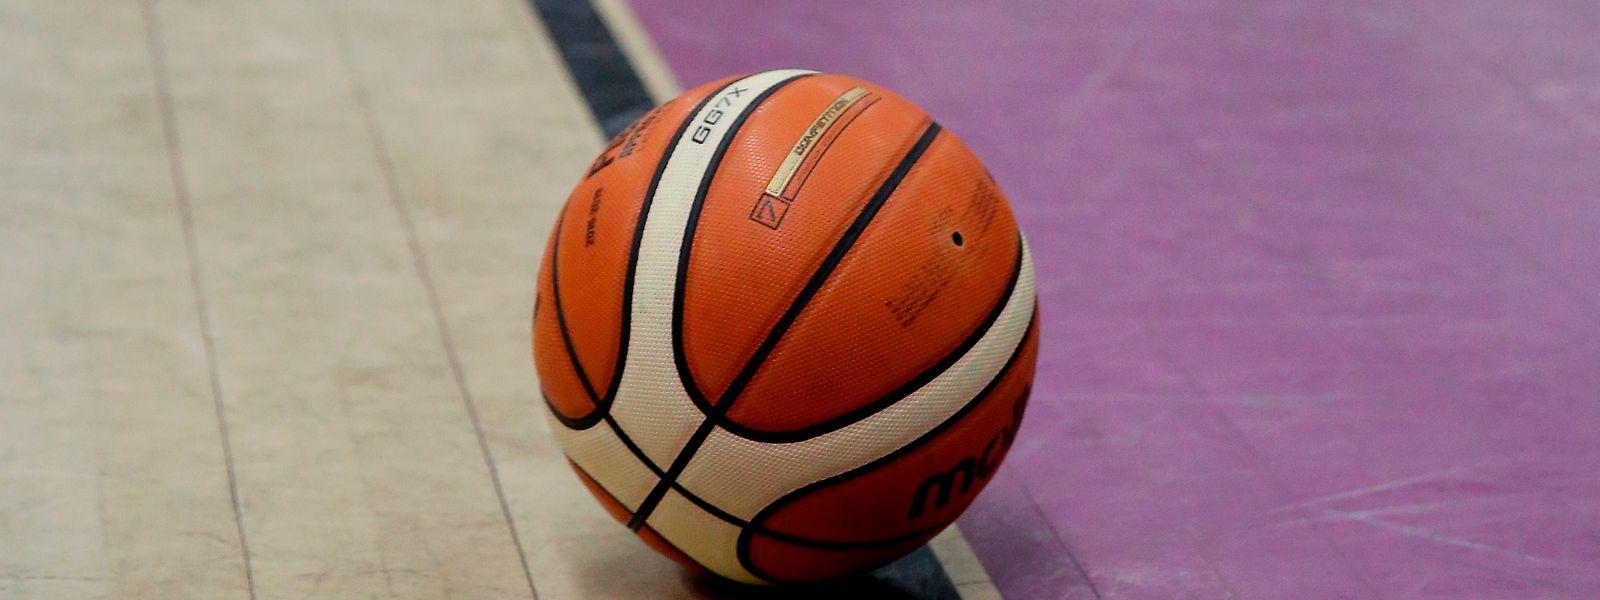 Im nationalen Basketball könnte es zu größeren Veränderungen kommen.